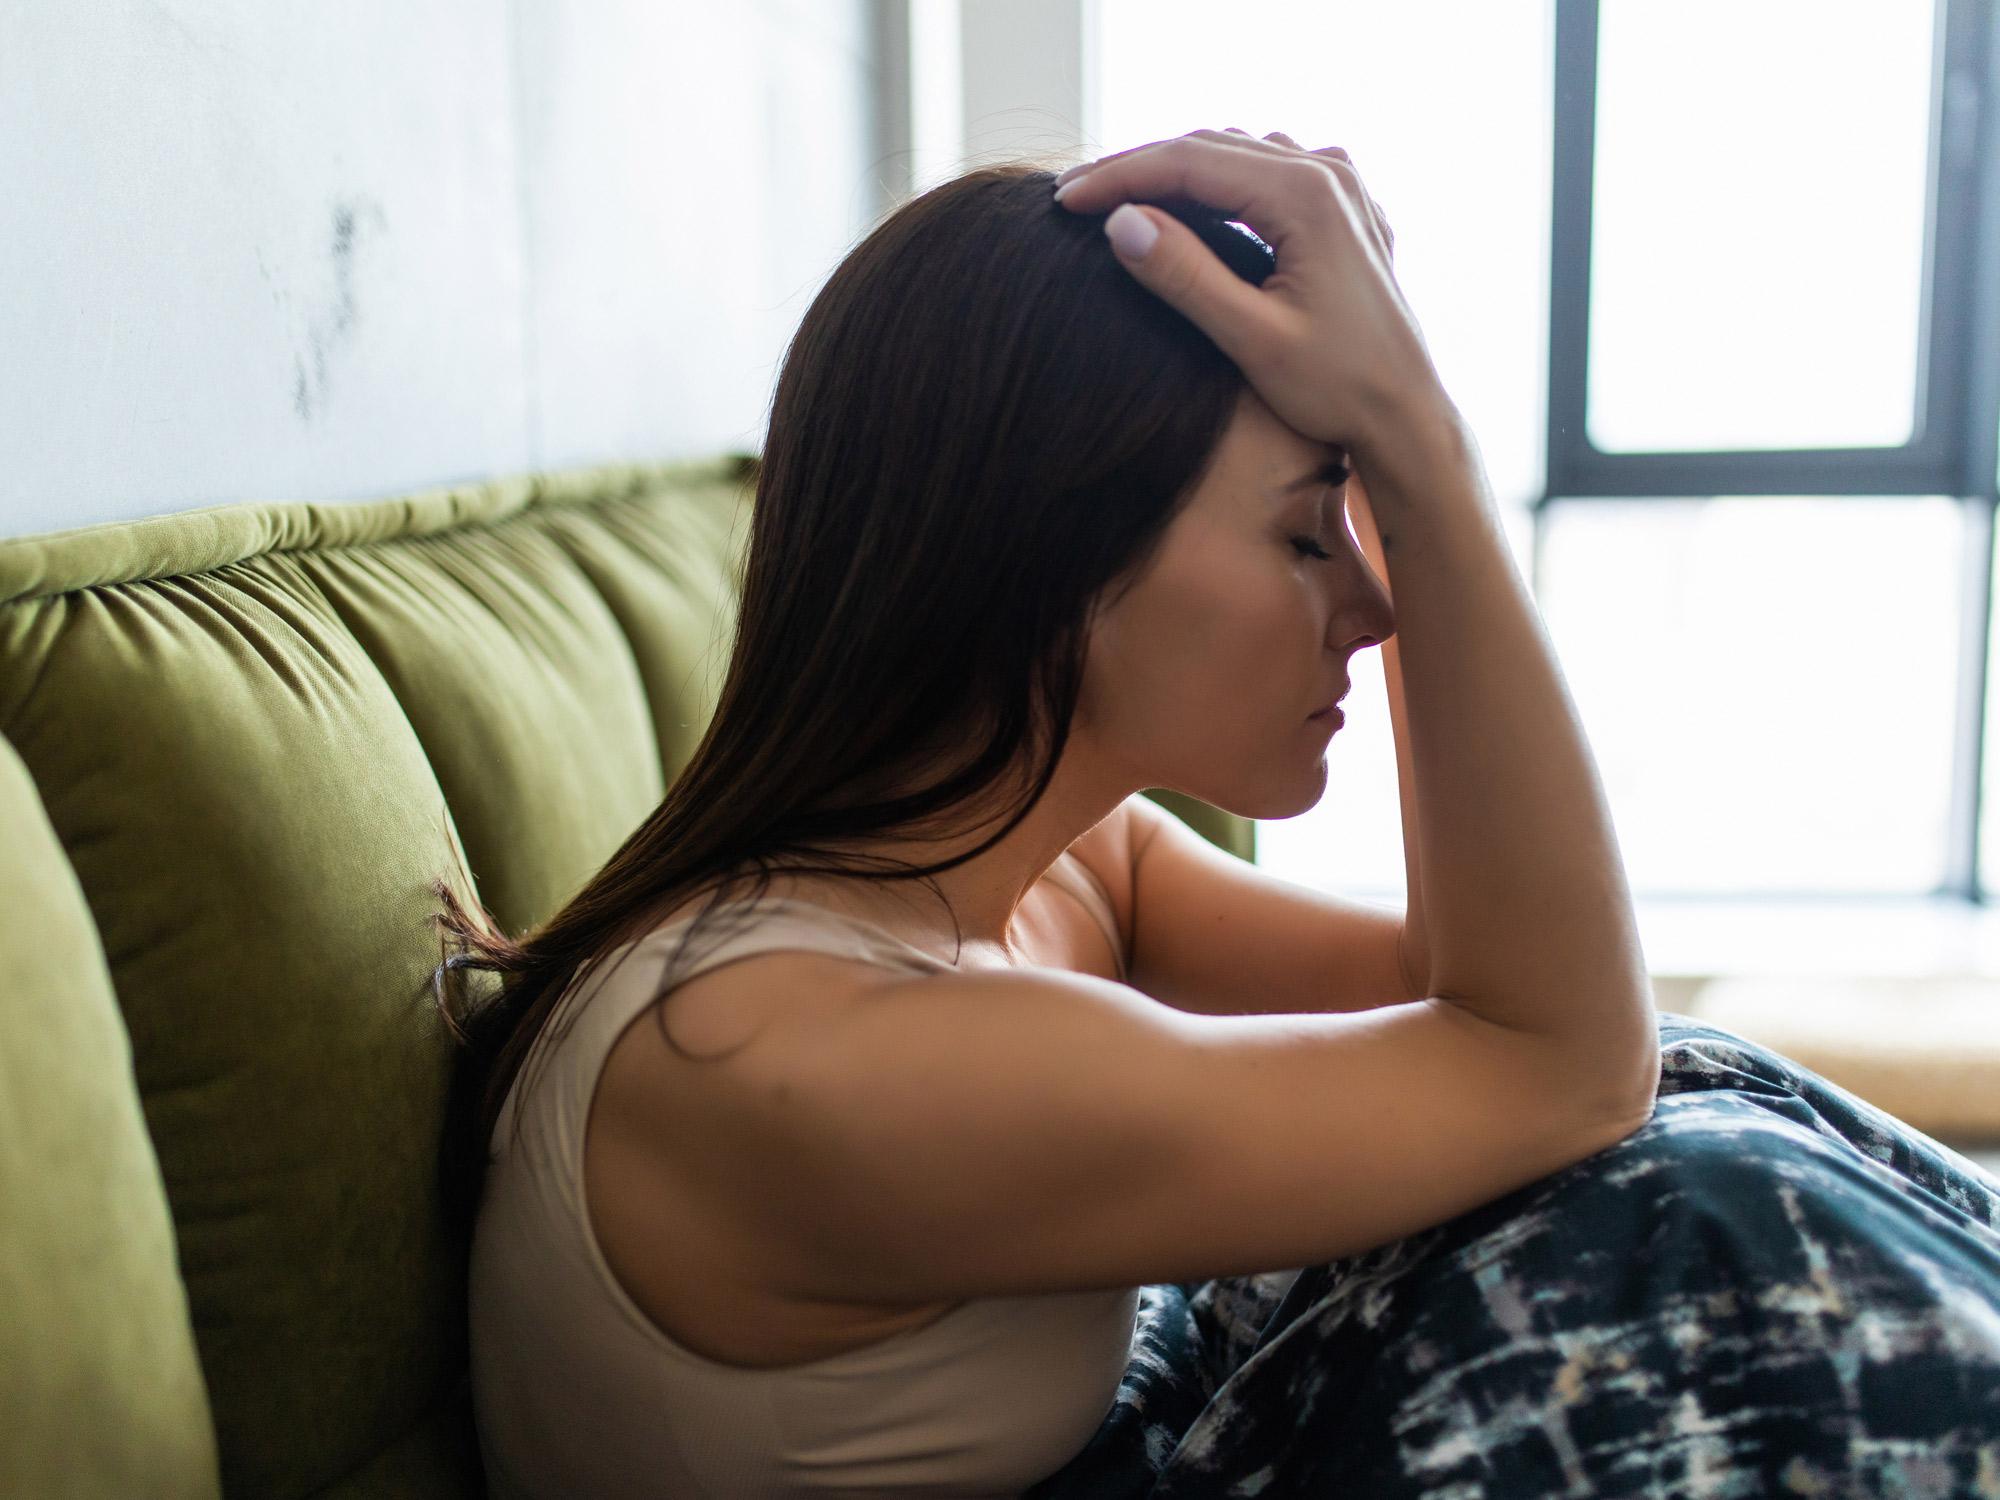 Fieber: Dauerstress erhöht die Körpertemperatur